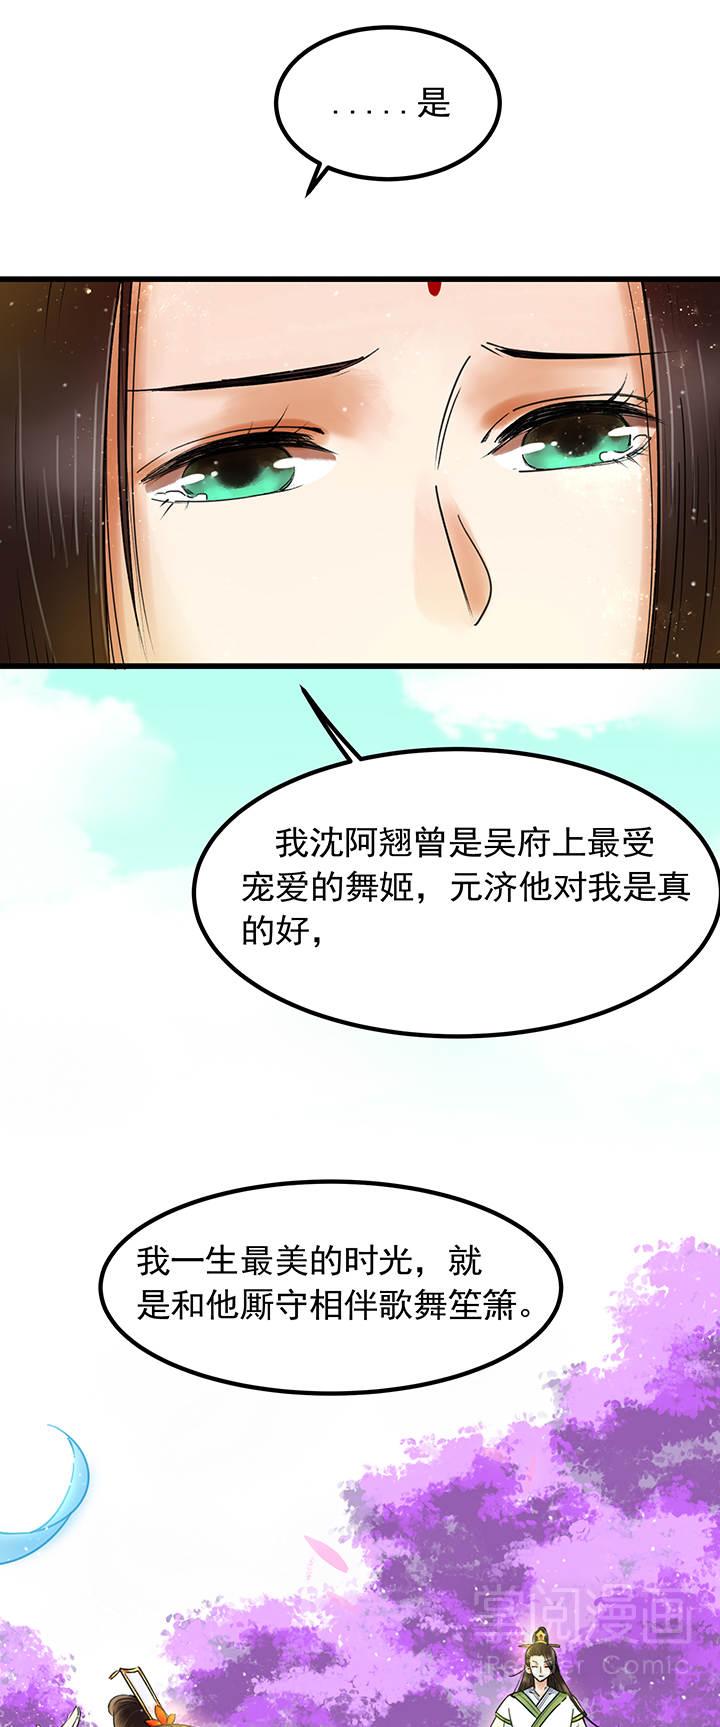 晚唐烟华第13话  倾心相授 第 6